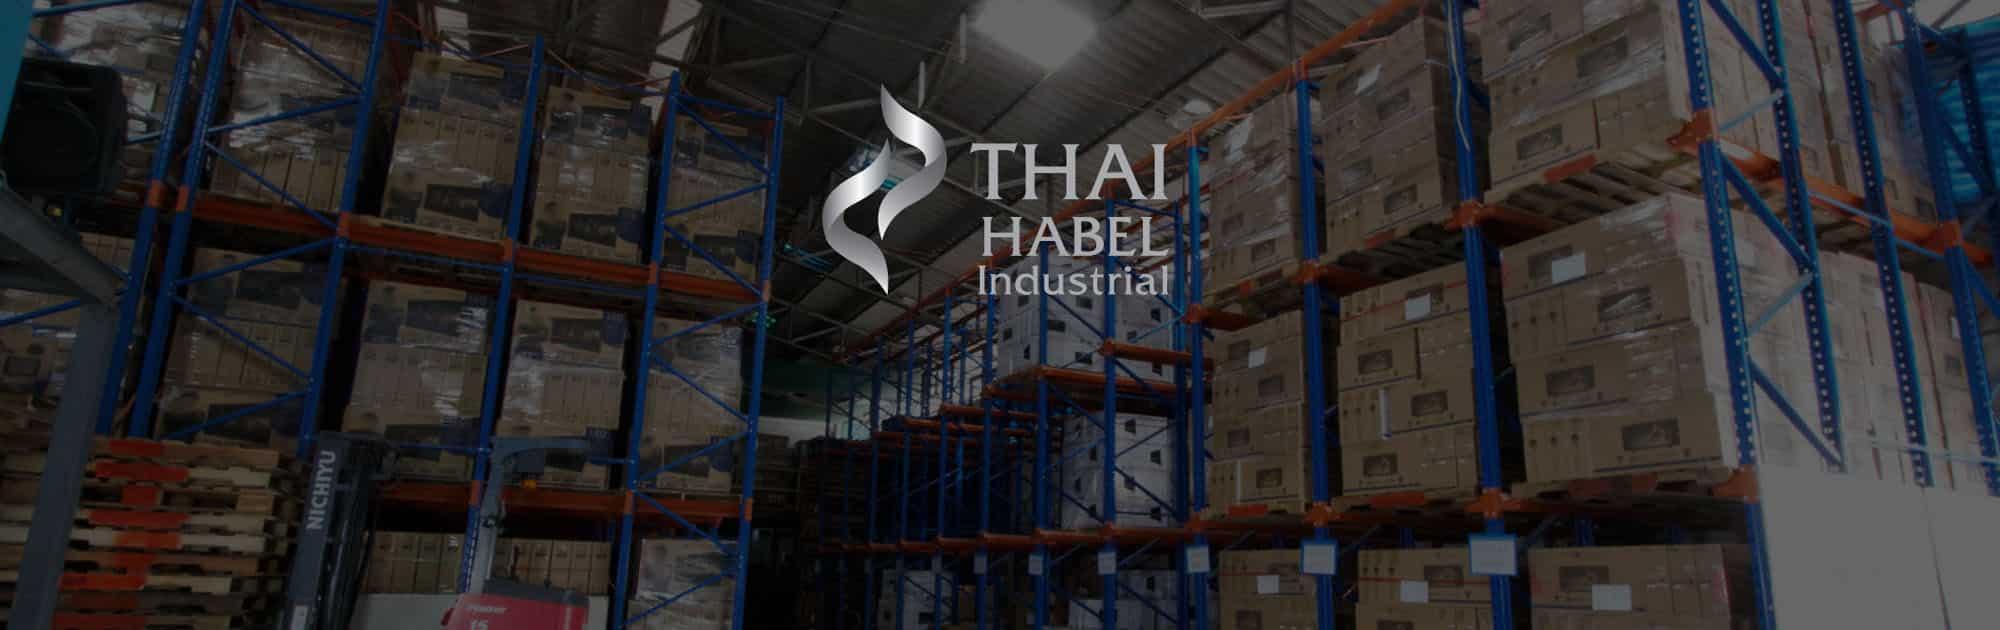 Banner - แนะนำ อัลทรอน (altron) แบรนด์ผลิตภัณฑ์เครื่องใช้ไฟฟ้าสัญชาติไทย